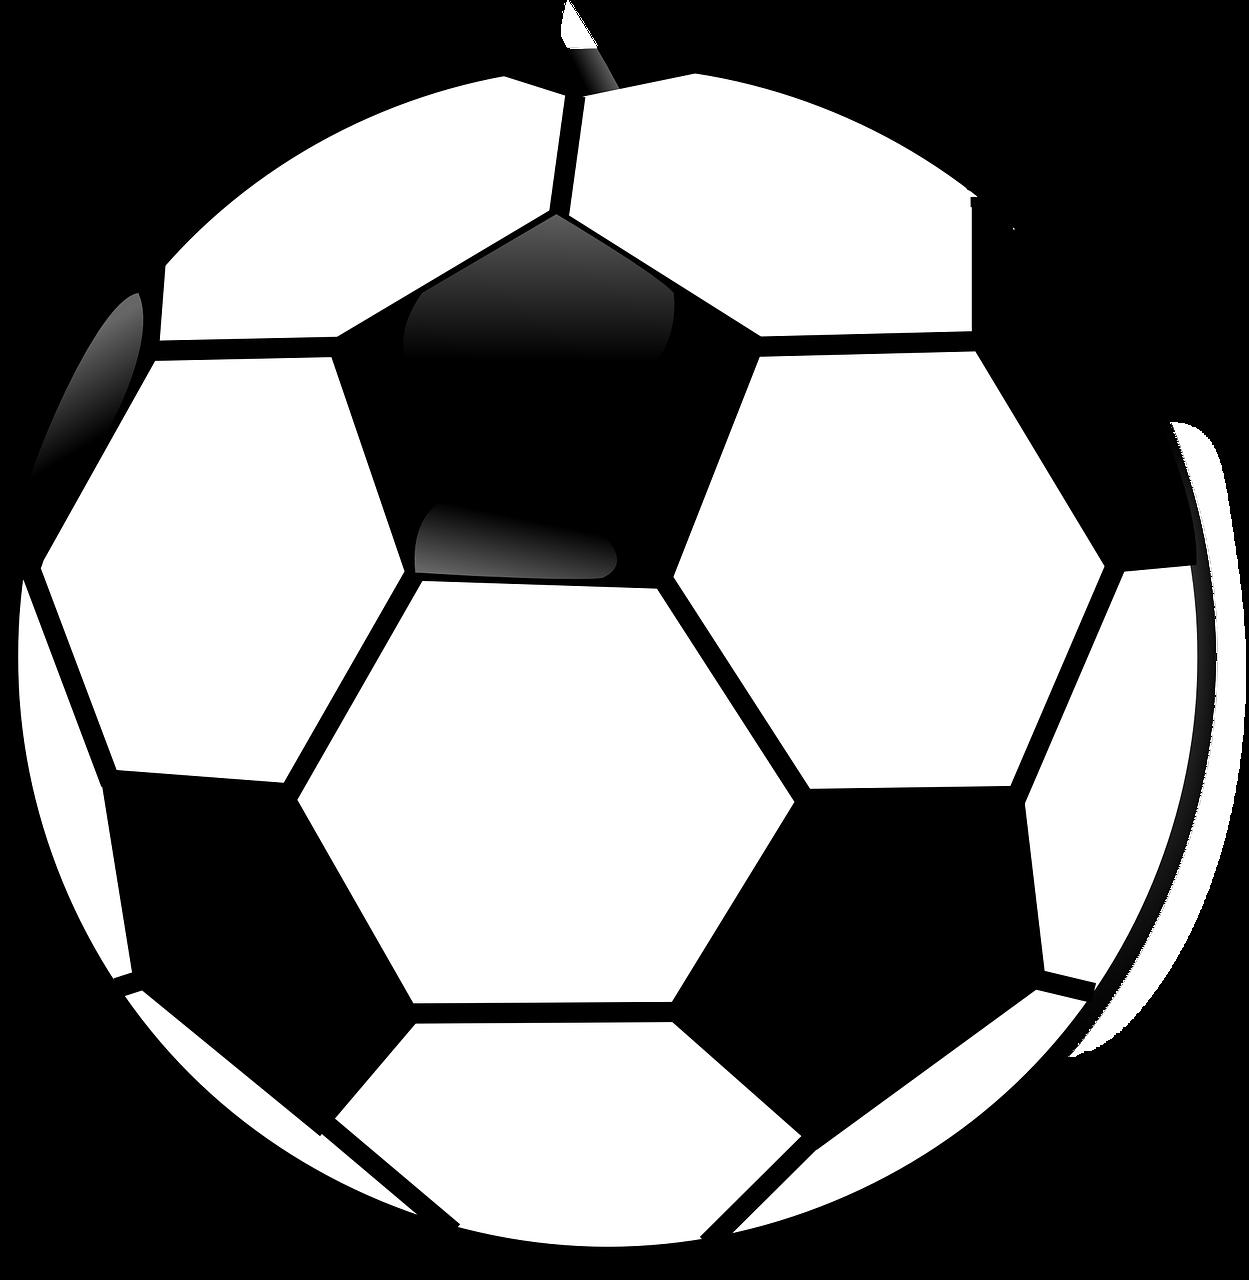 Football breaking through wall clipart svg free library Imagen gratis en Pixabay - Balón De Fútbol, Bola | Pinterest ... svg free library